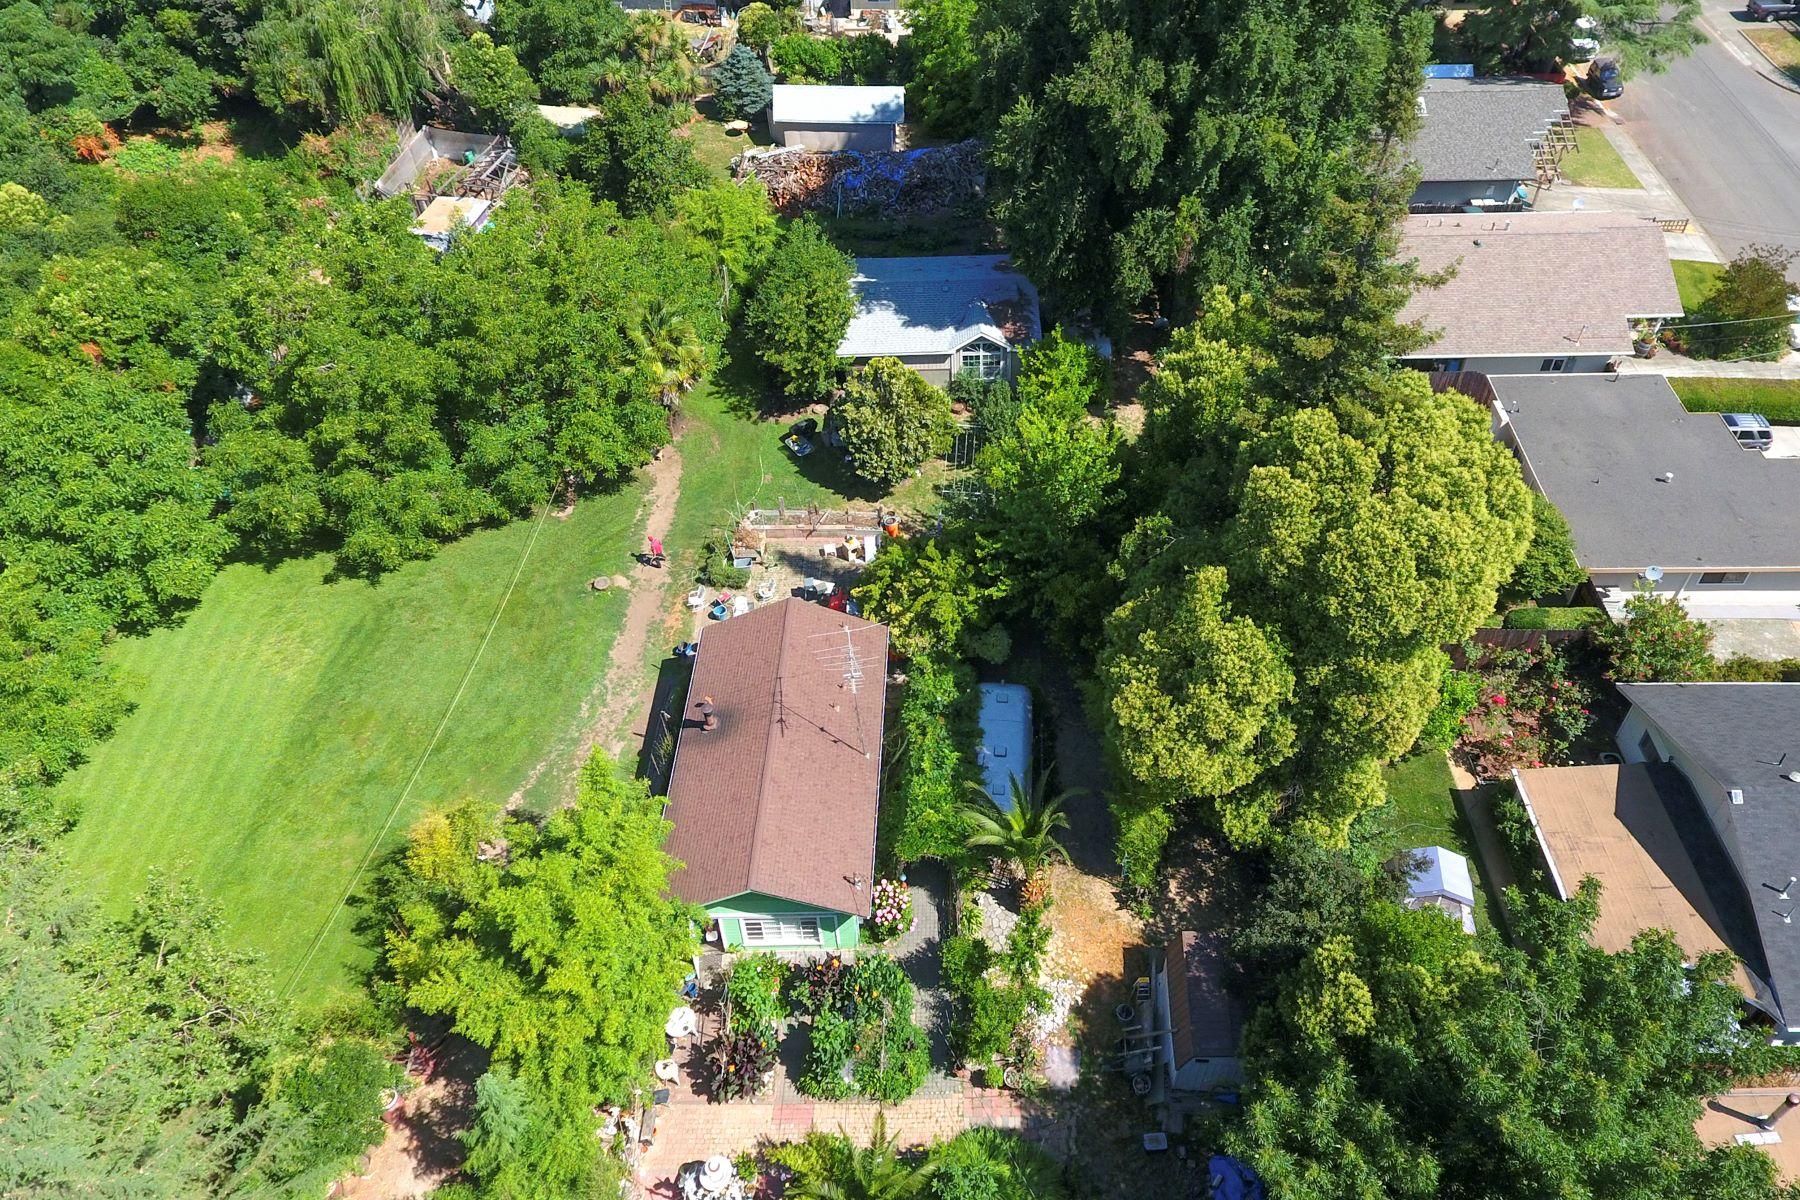 Casa Unifamiliar por un Venta en Inspiring Potential on over an Acre 2150 West Pueblo Avenue Napa, California, 94558 Estados Unidos